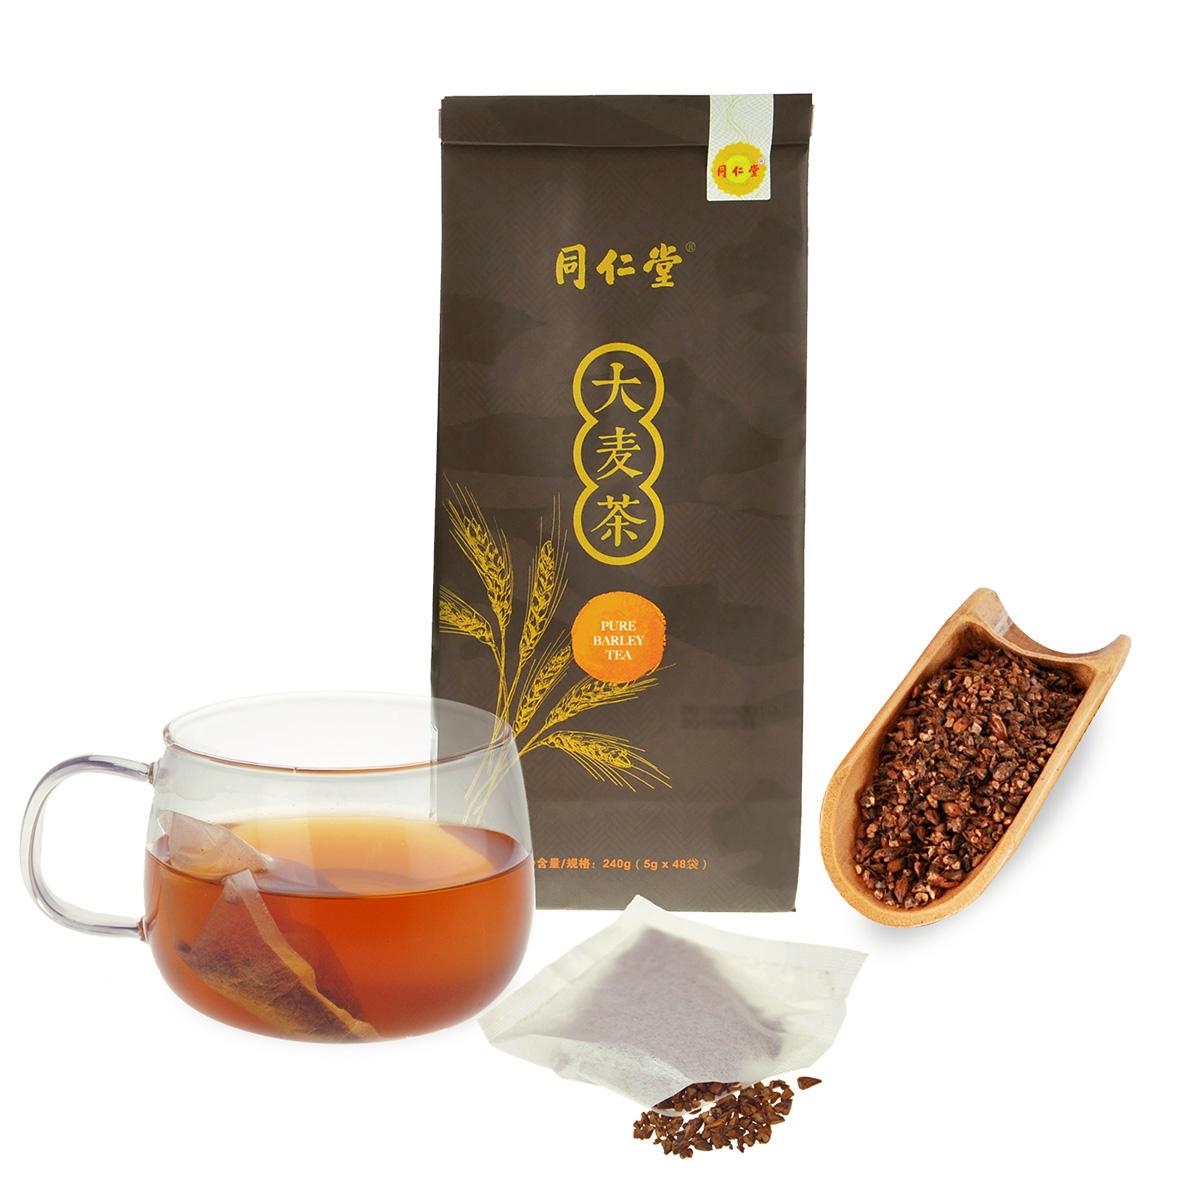 同仁堂大麦茶240g(5g*48袋)